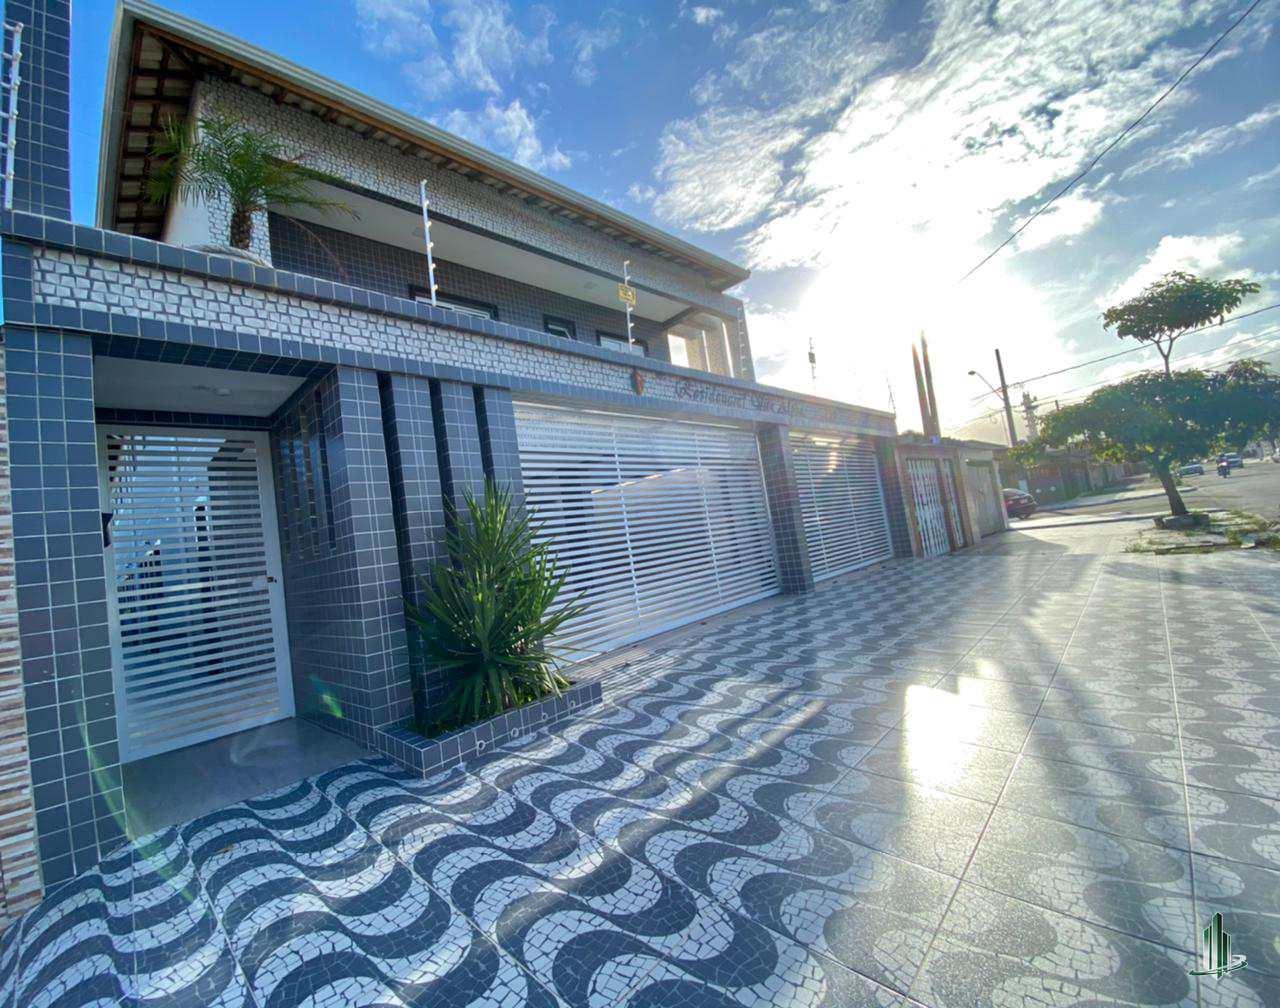 Sobrado de Condomínio com 2 dorms, Caiçara, Praia Grande - R$ 235 mil, Cod: SO1271